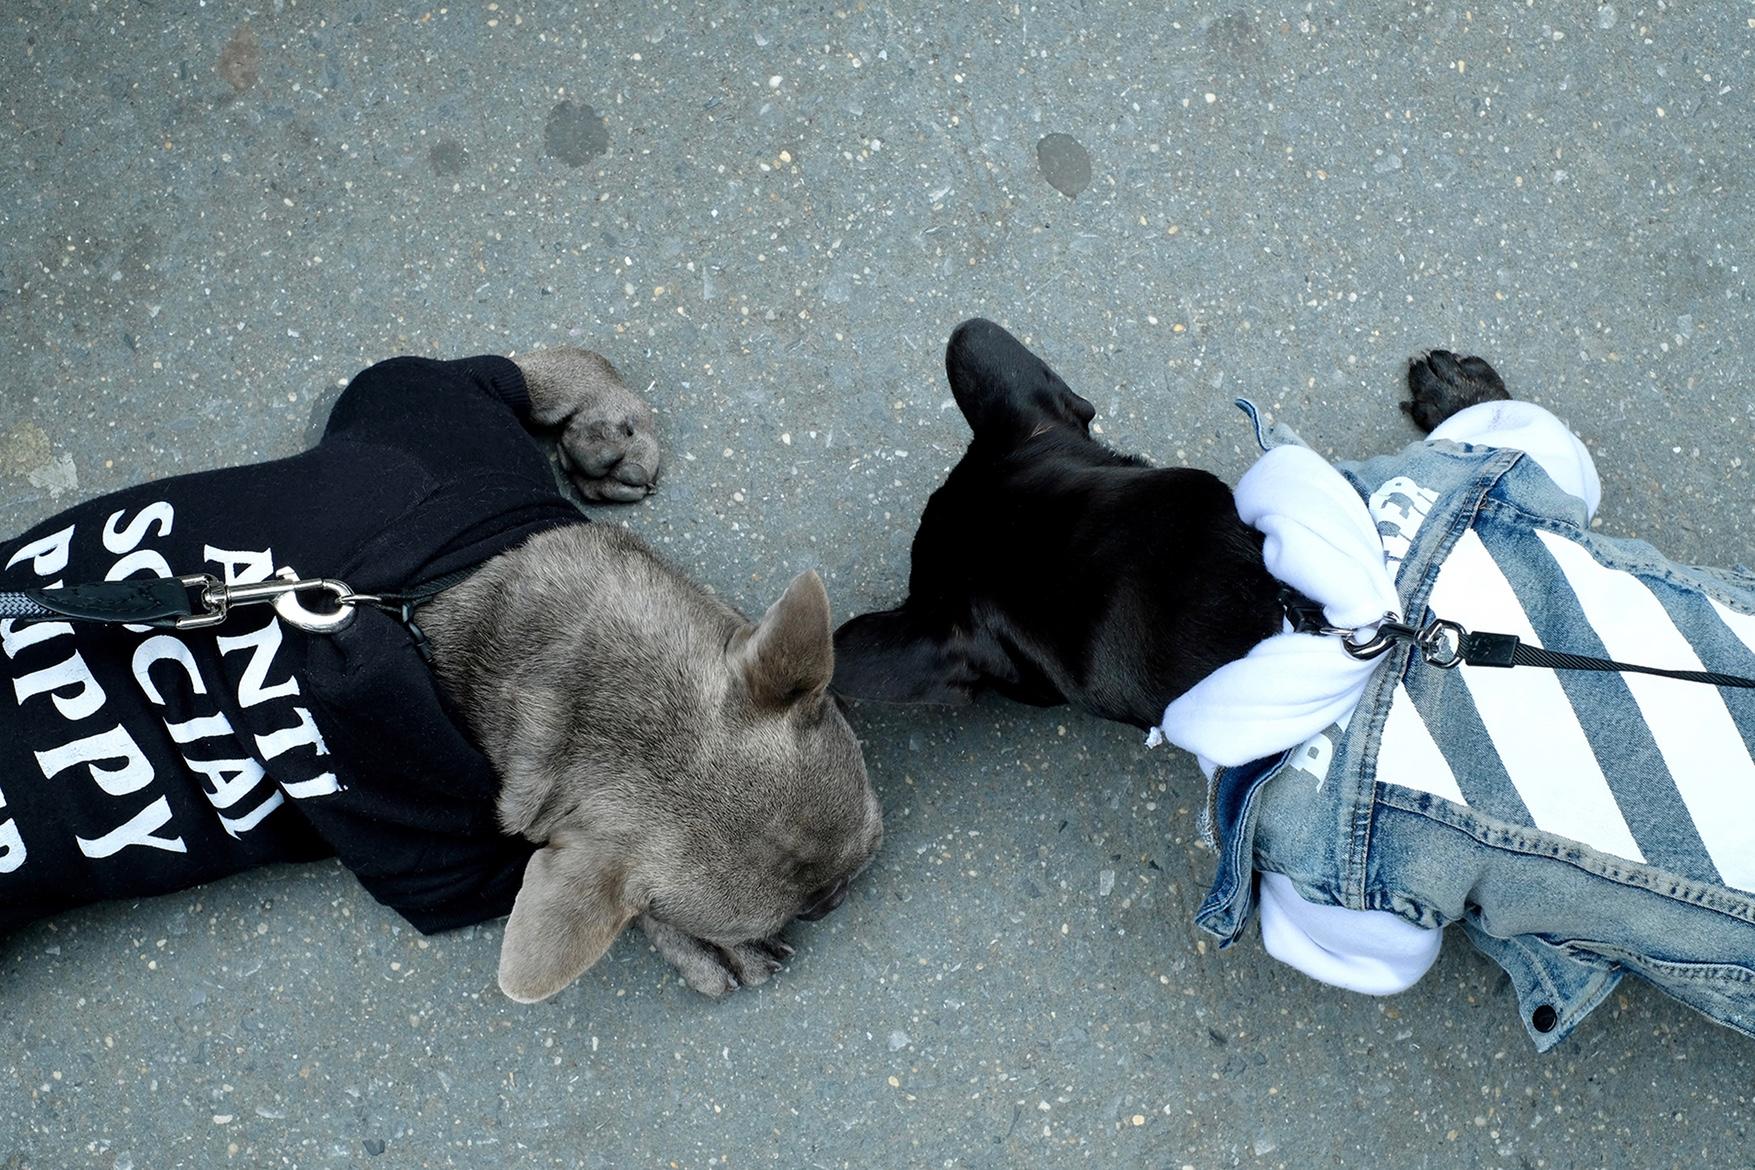 pawkier streetwear para cachorros 15 - Pawkier: streetwear bom para cachorro